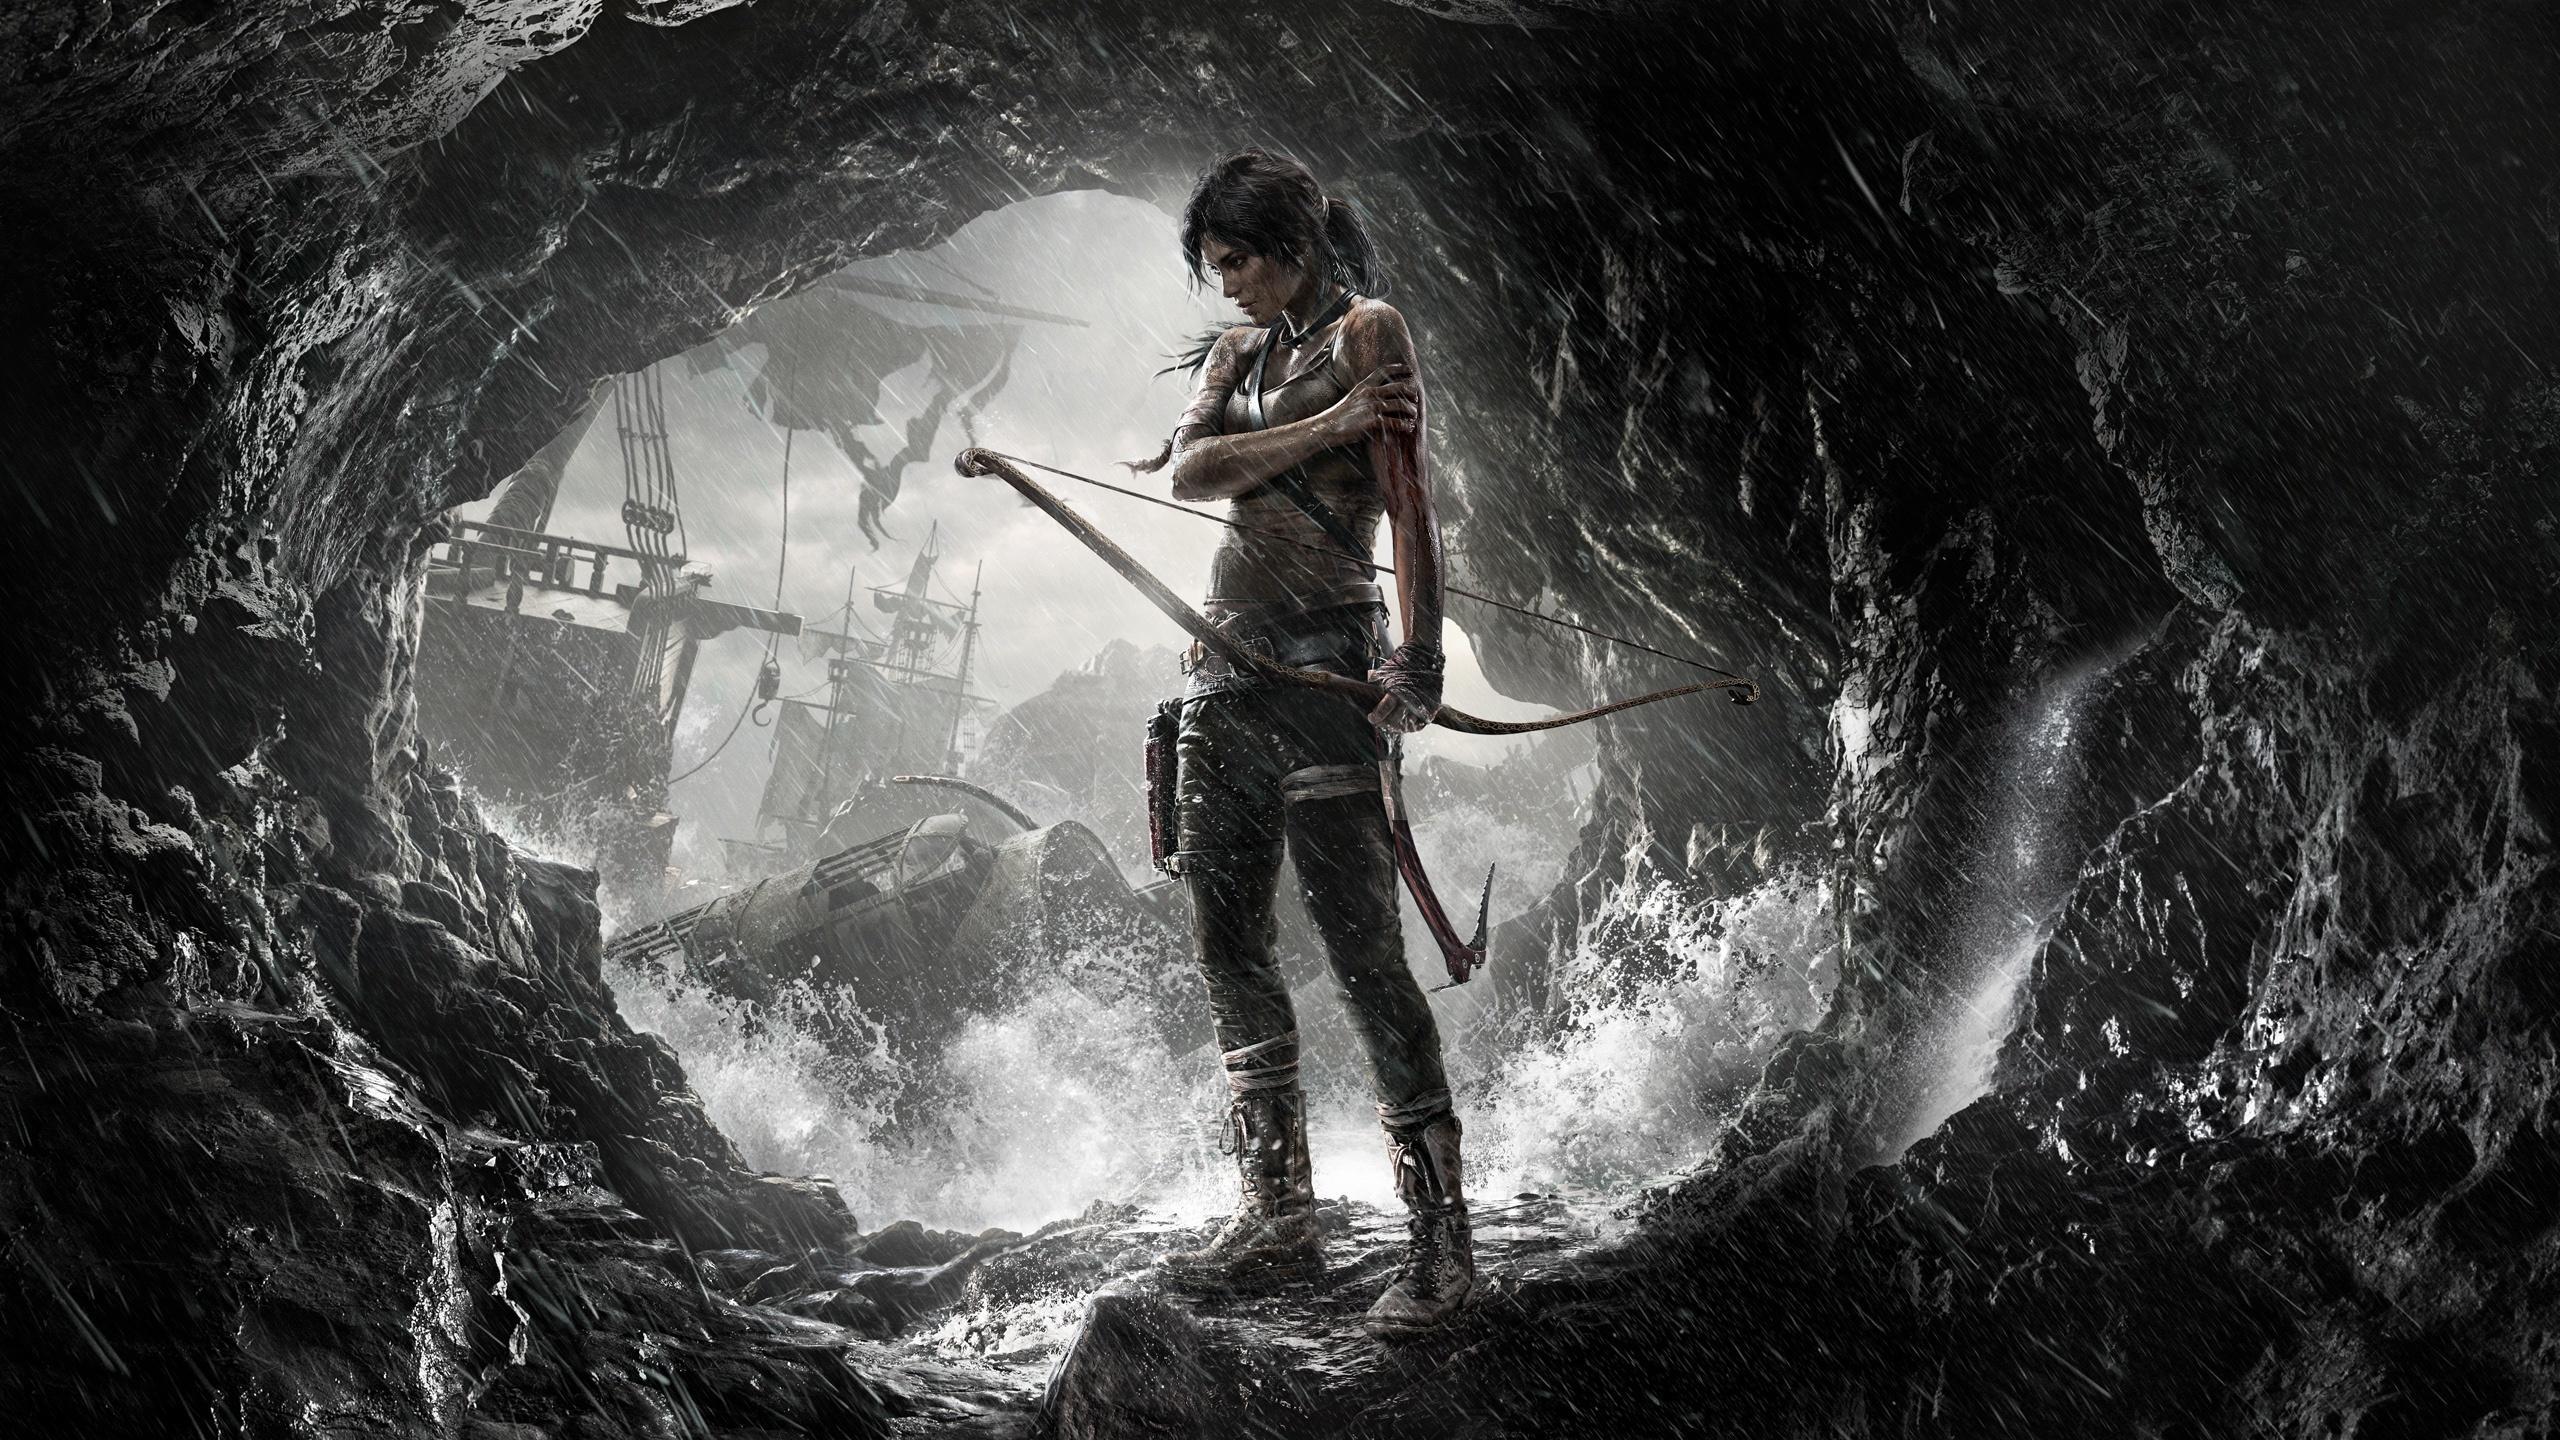 16339 скачать обои Игры, Люди, Девушки, Лара Крофт Расхитительница Гробниц (Lara Croft: Tomb Raider) - заставки и картинки бесплатно